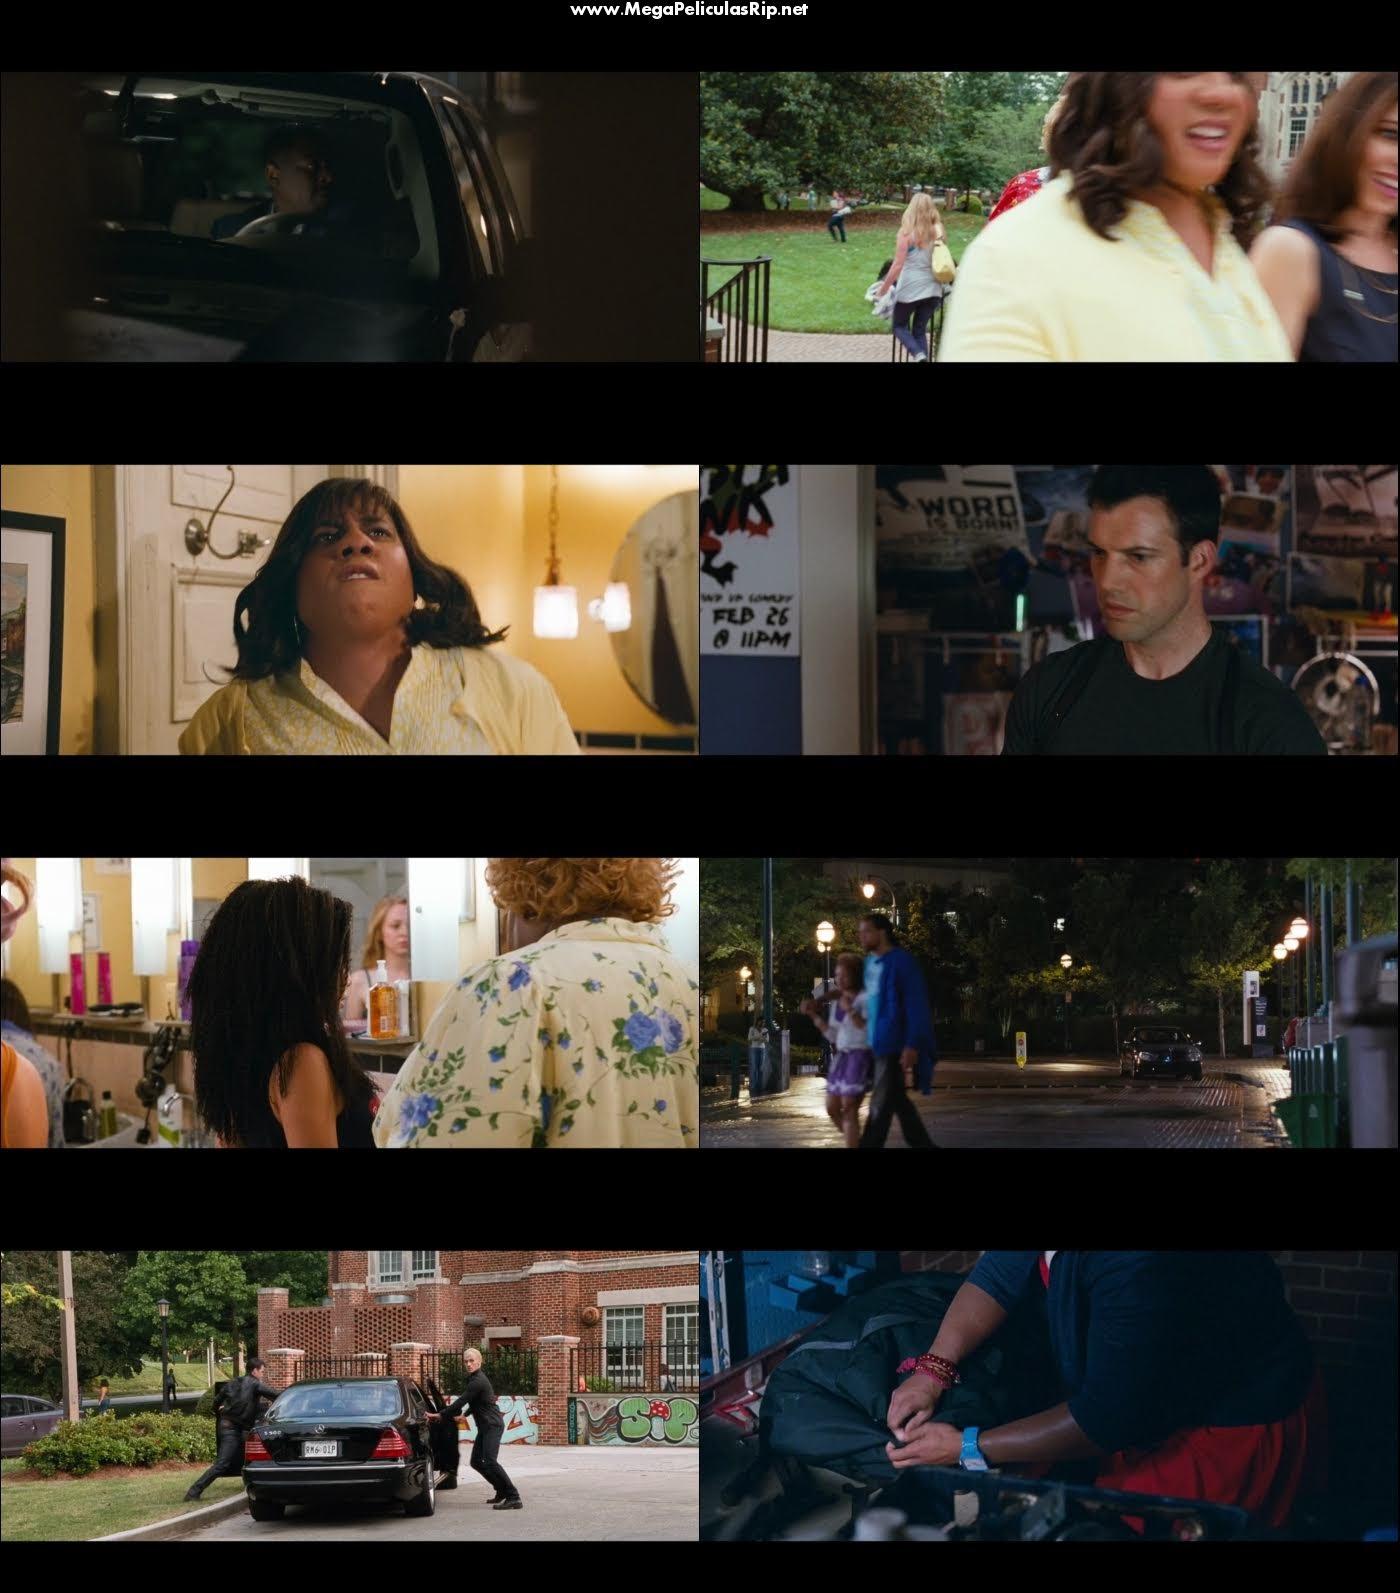 Mi Abuela Es Un Peligro 3 1080p Latino Ingles Mega Megapeliculasrip Megapeliculasrip